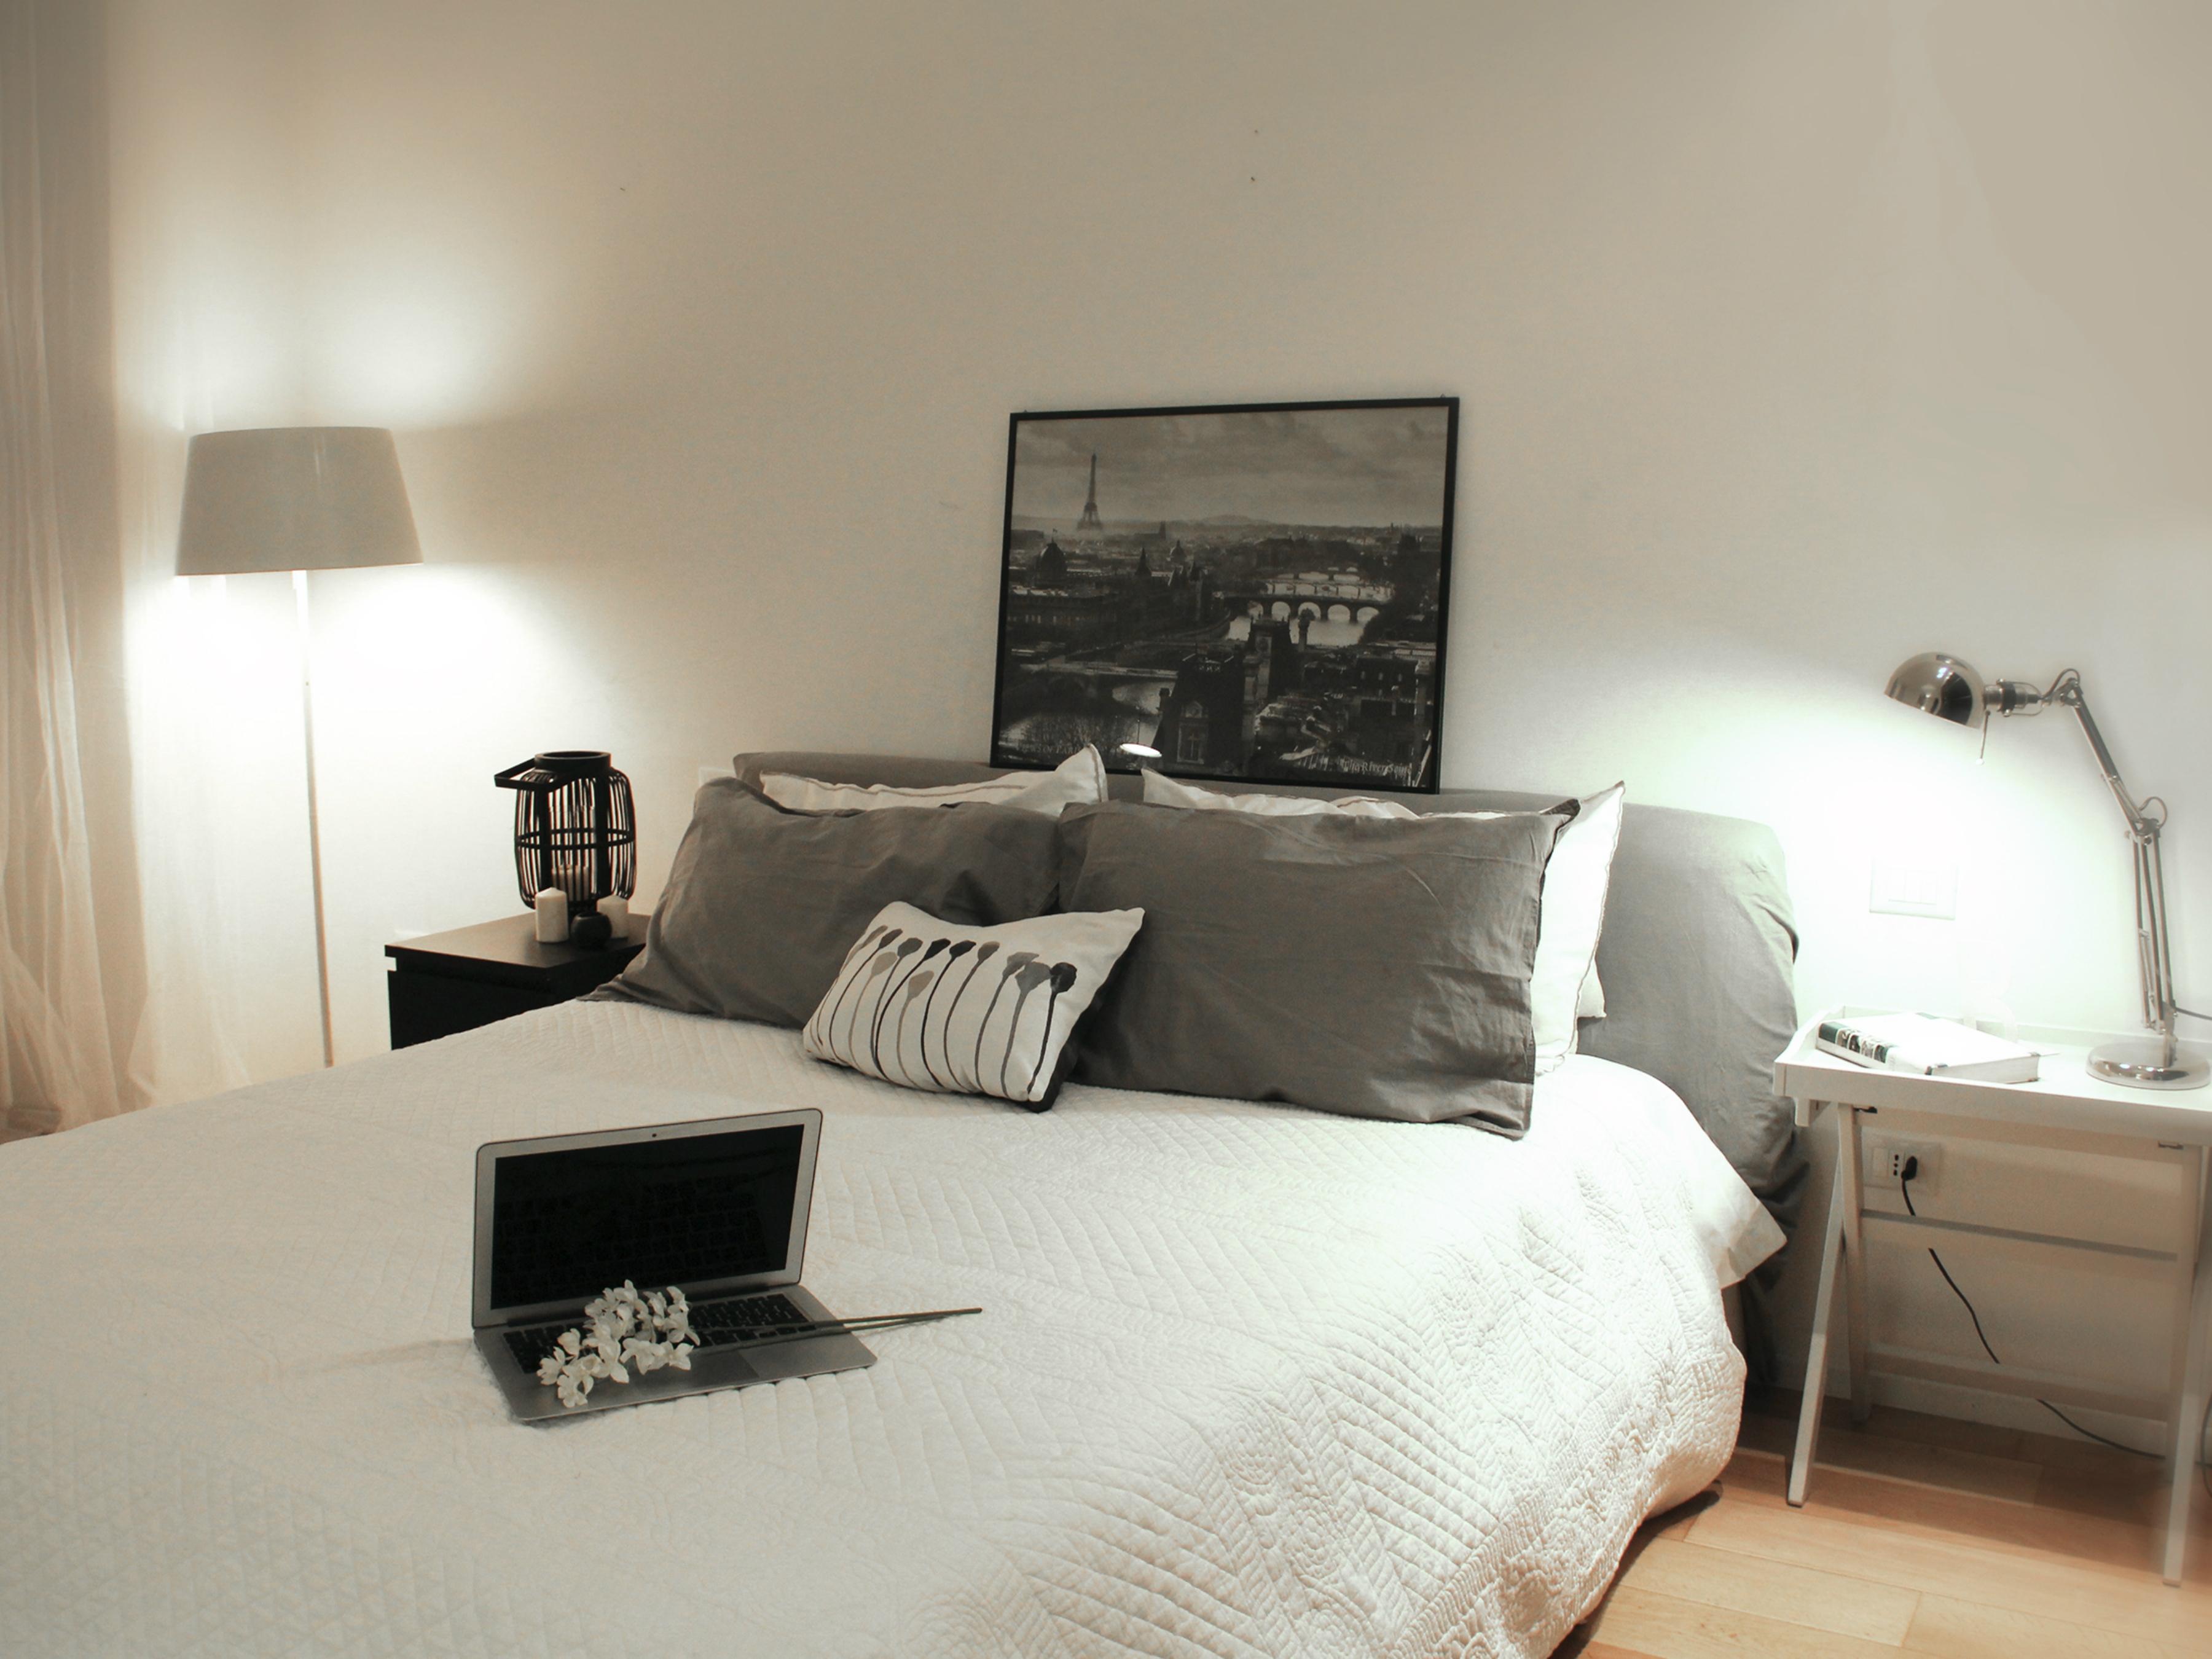 Camera doppia airbnb dopo l'intervento